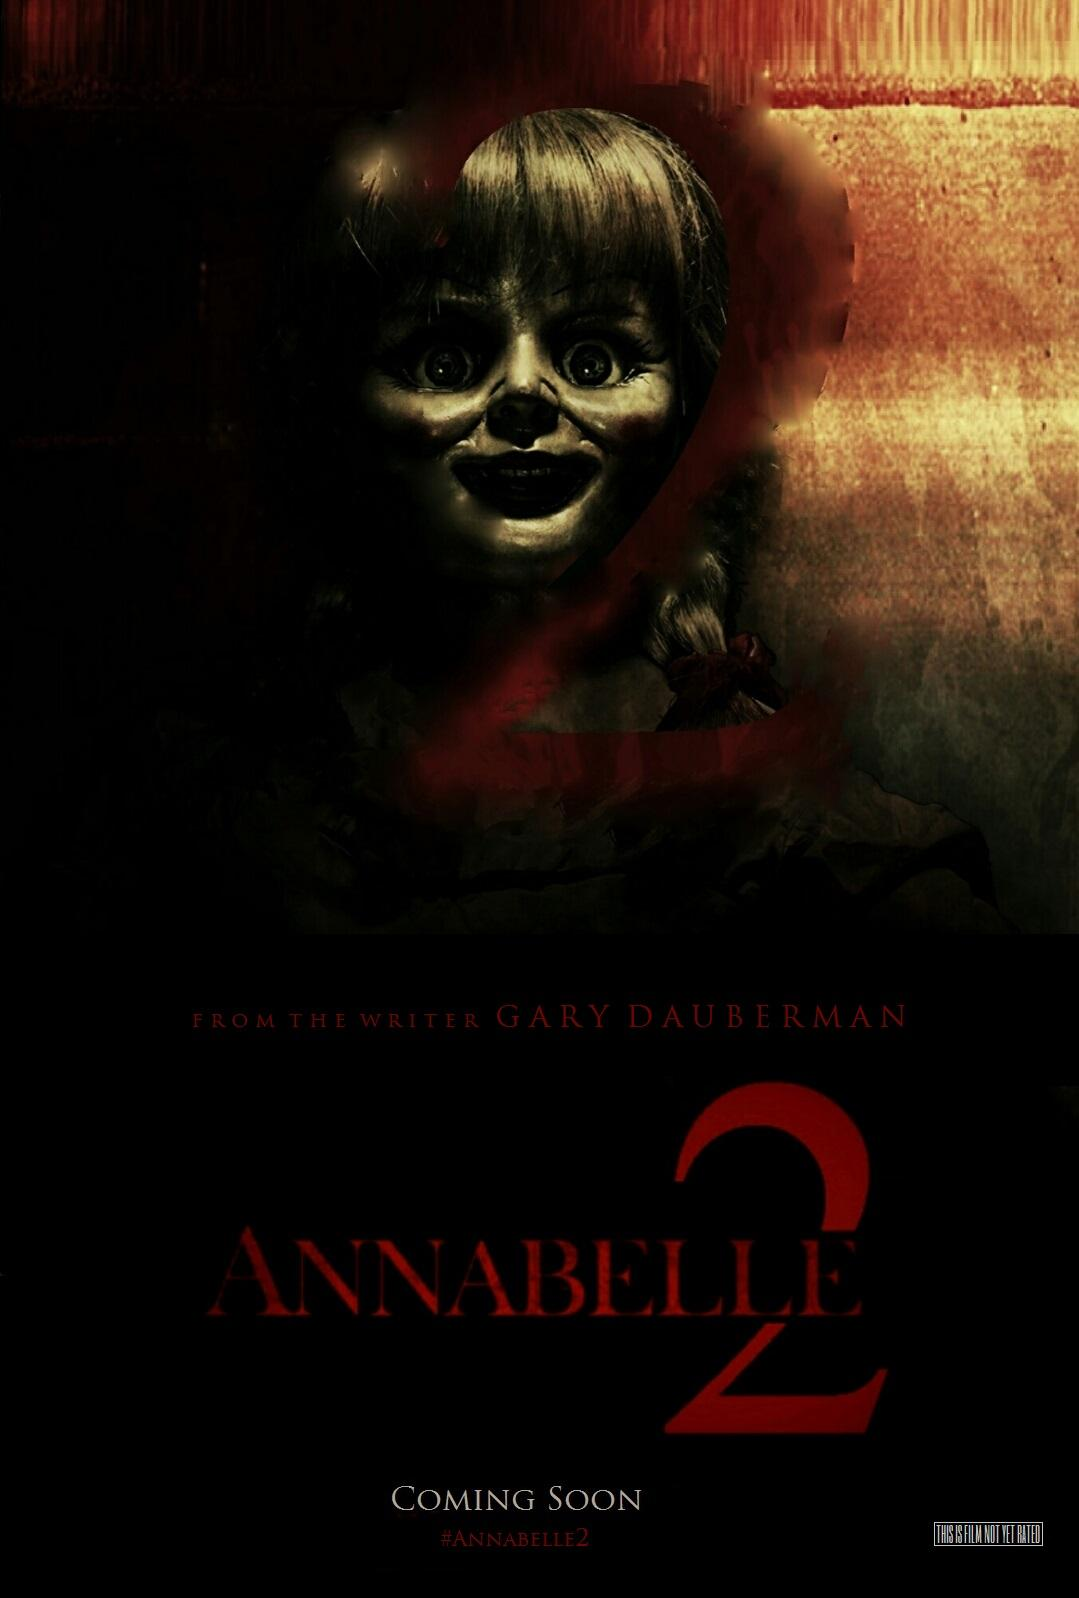 annabelle-2-2017